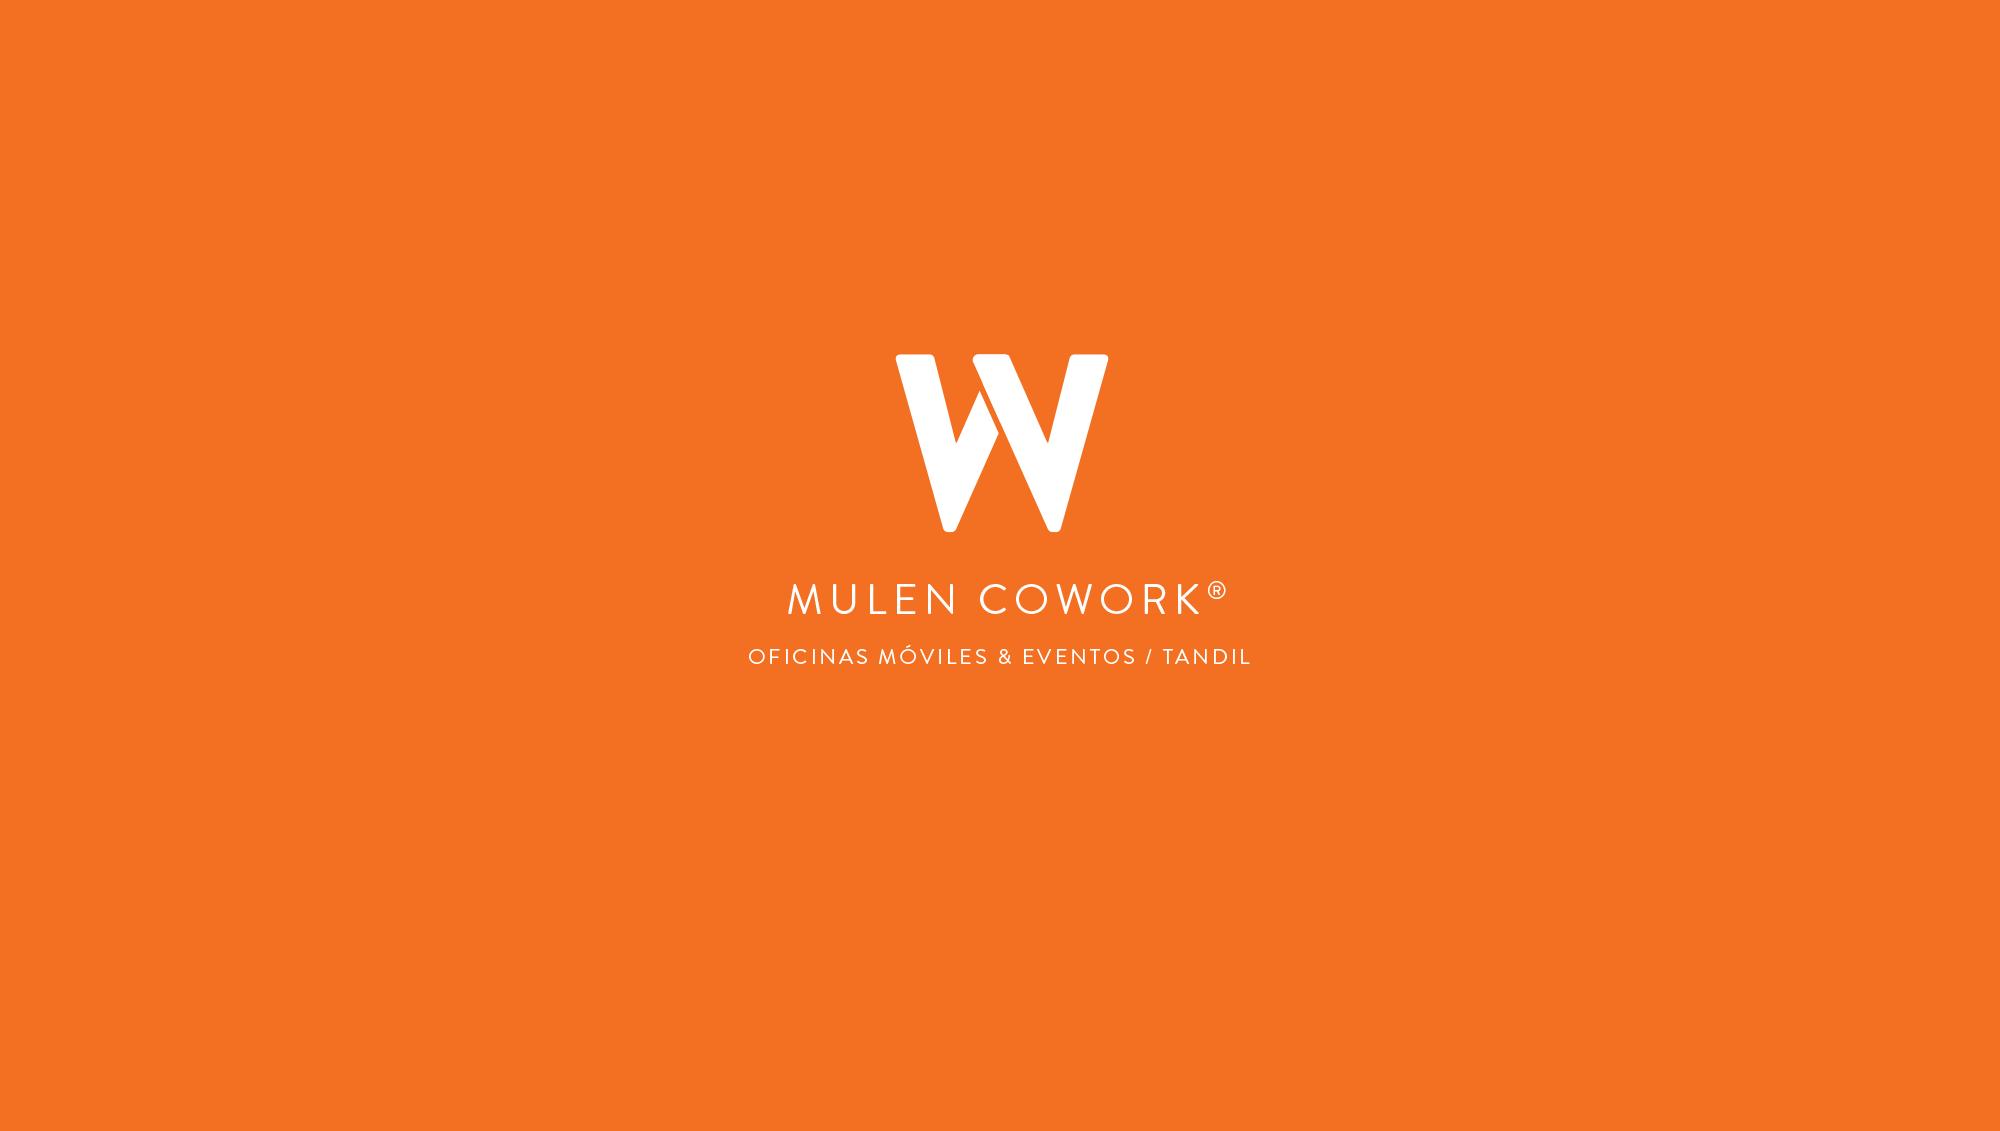 Mulen Cowork Tandil